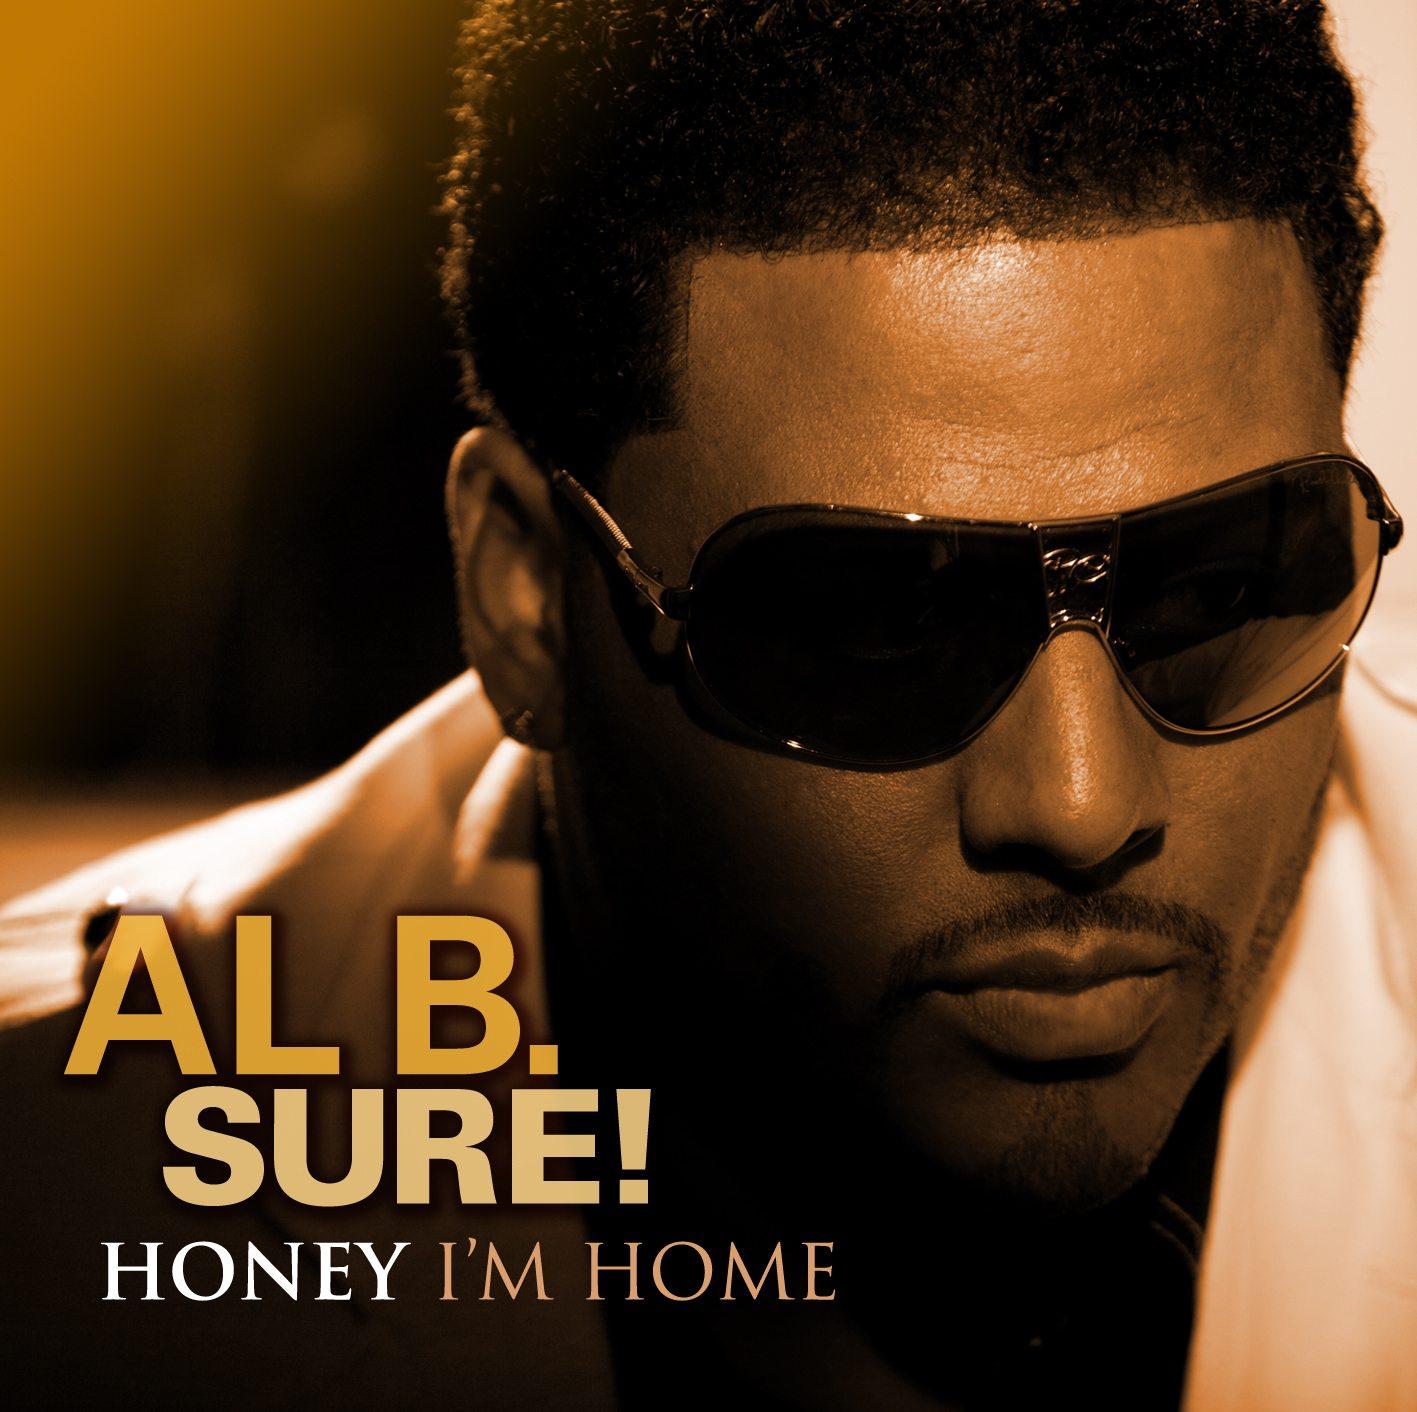 Al B. Sure! Honey I'm Home Album Cover